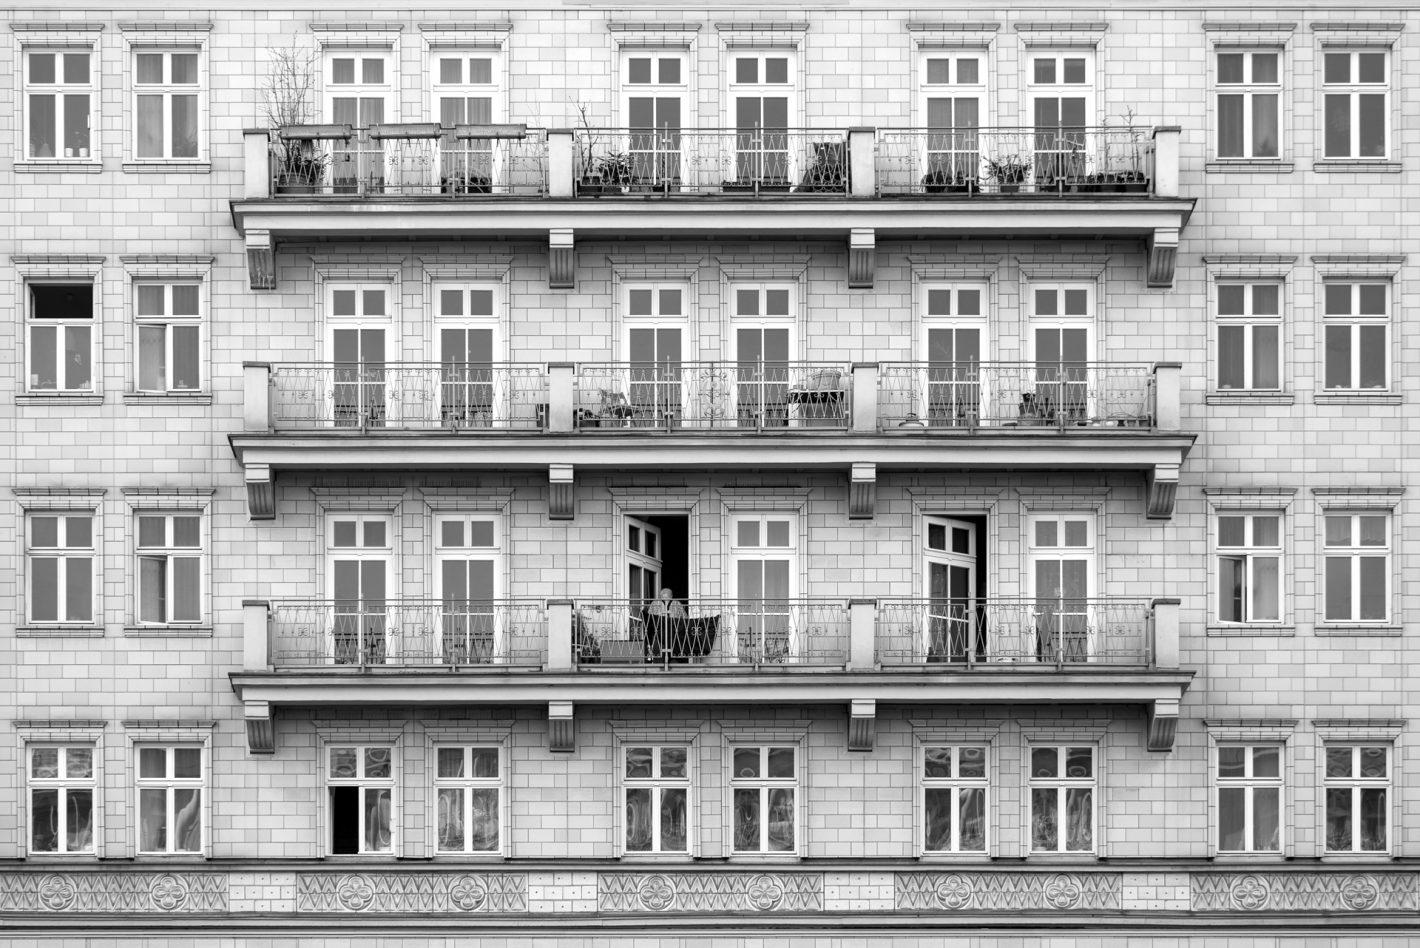 Stefan Meischein - Berlin